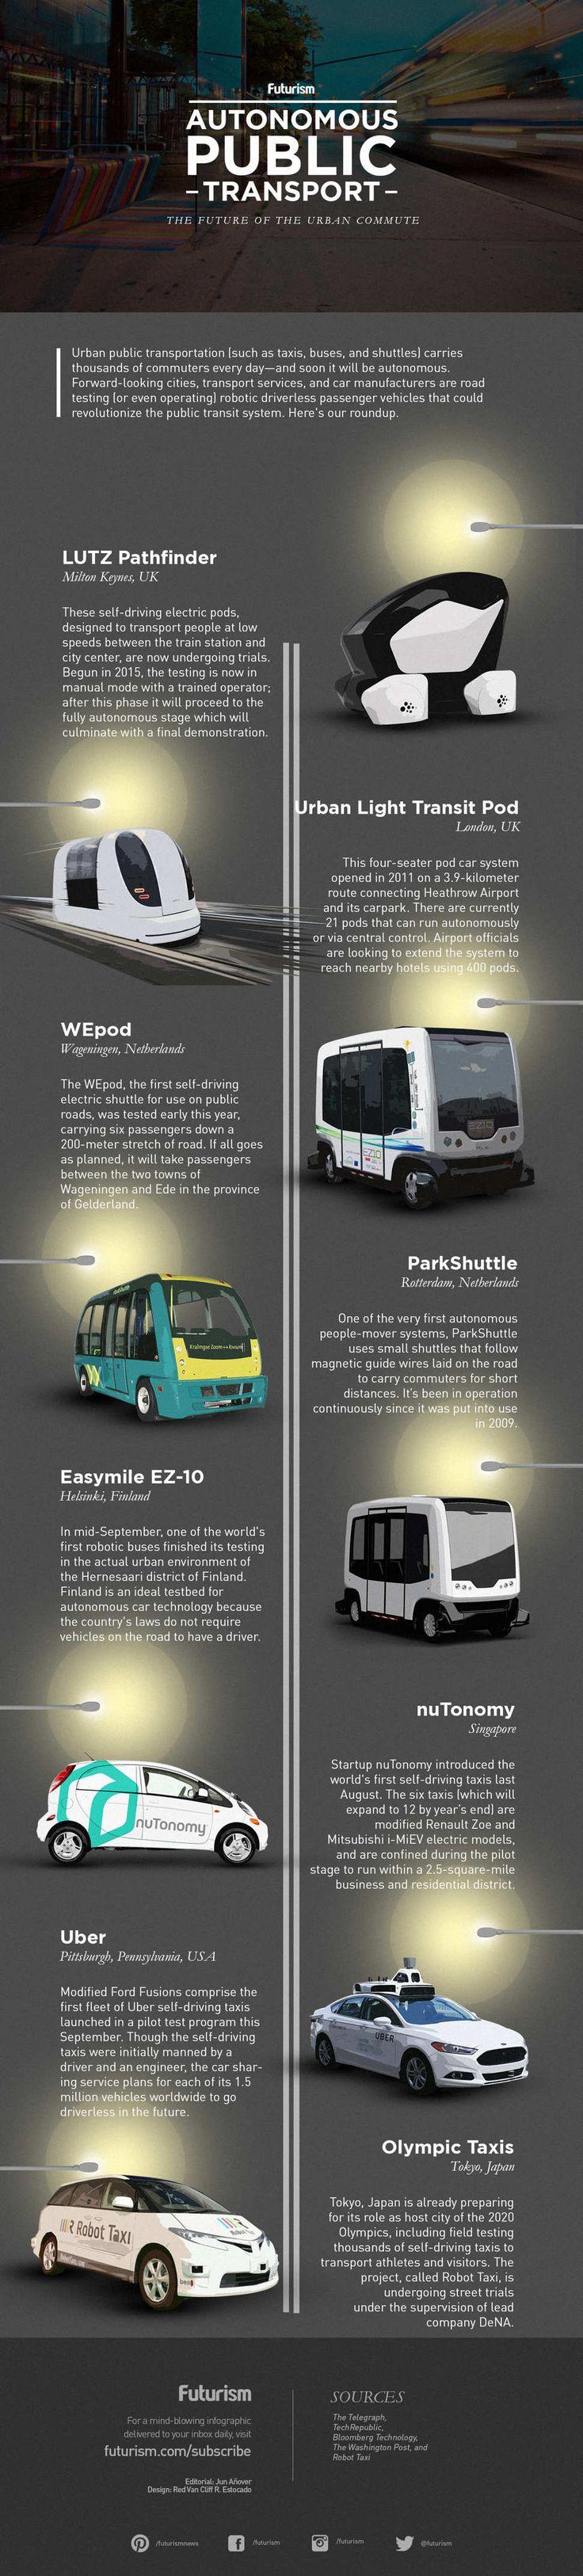 best images about autonomous cars the future autonomous public transport is here